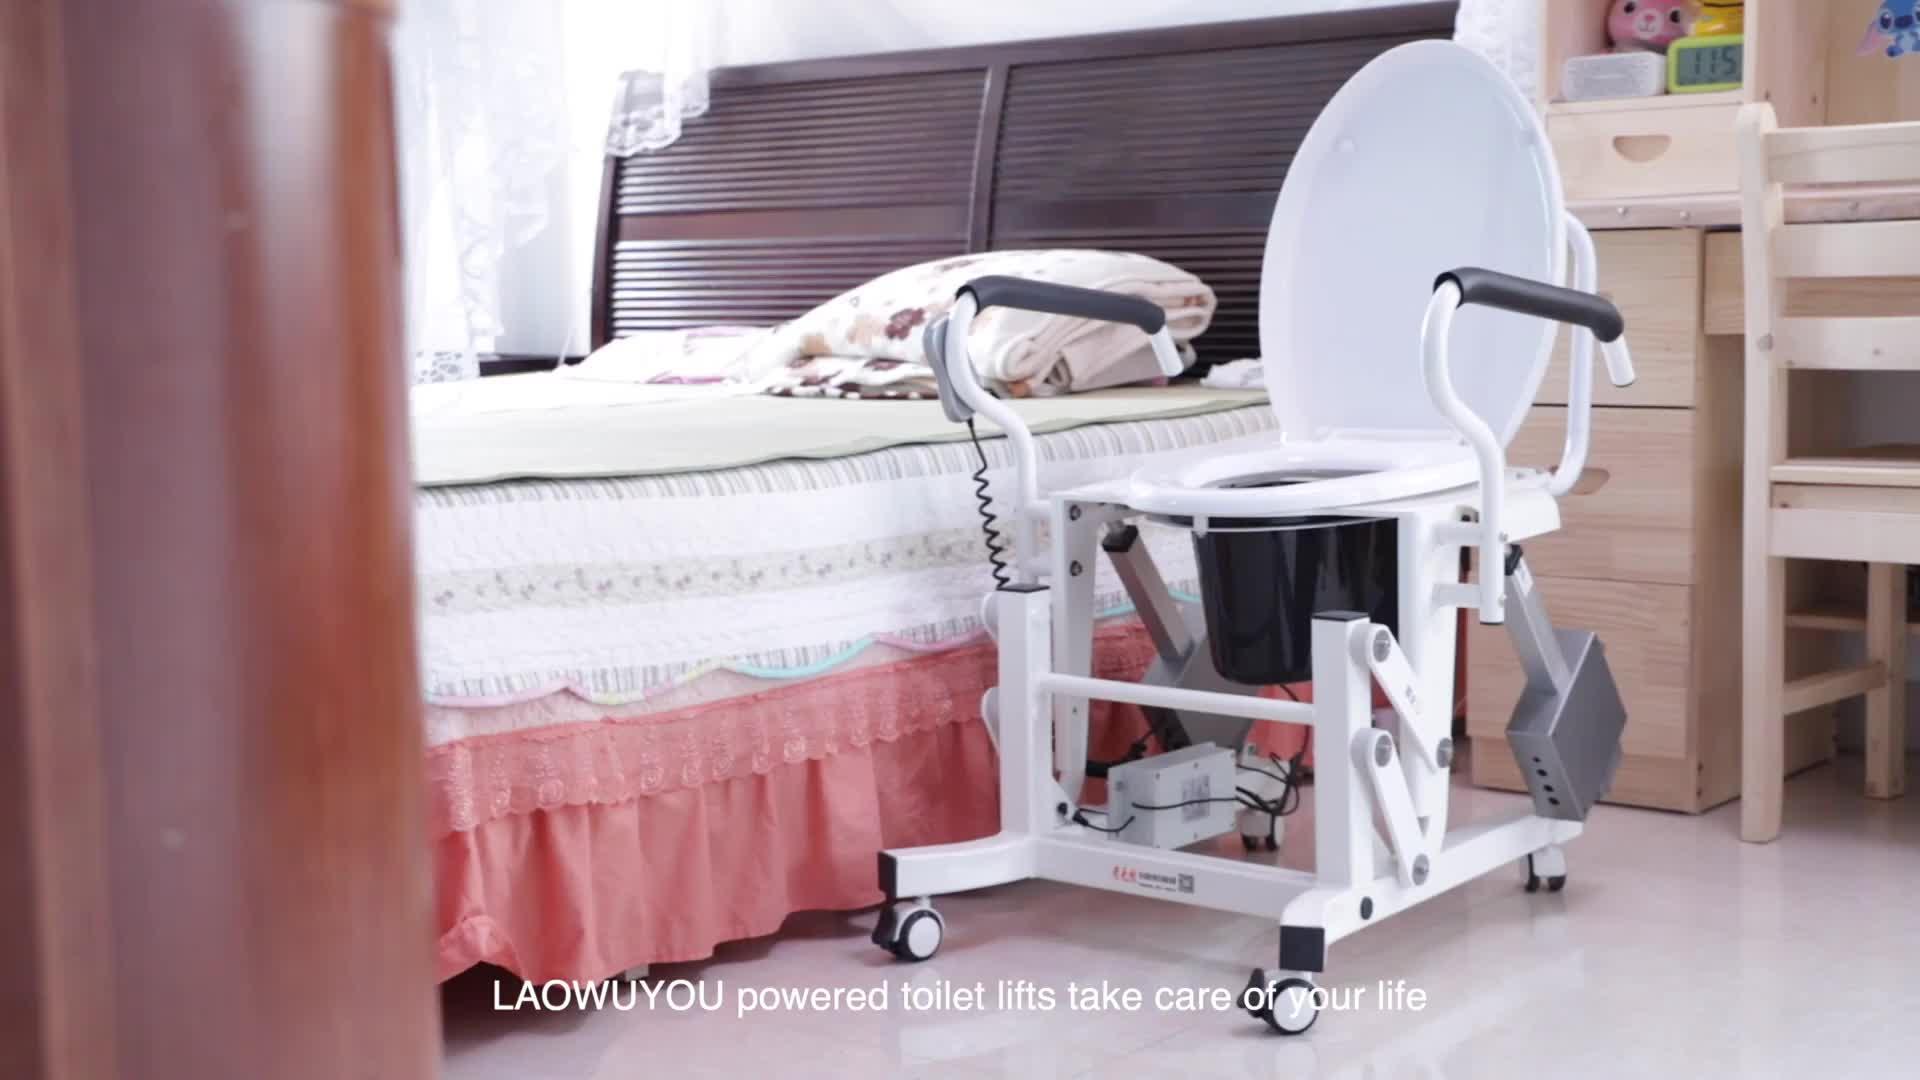 संचालित शौचालय सीट उठने बुजुर्ग और गर्भवती महिलाओं चल शौचालय के लिए लिफ्टों